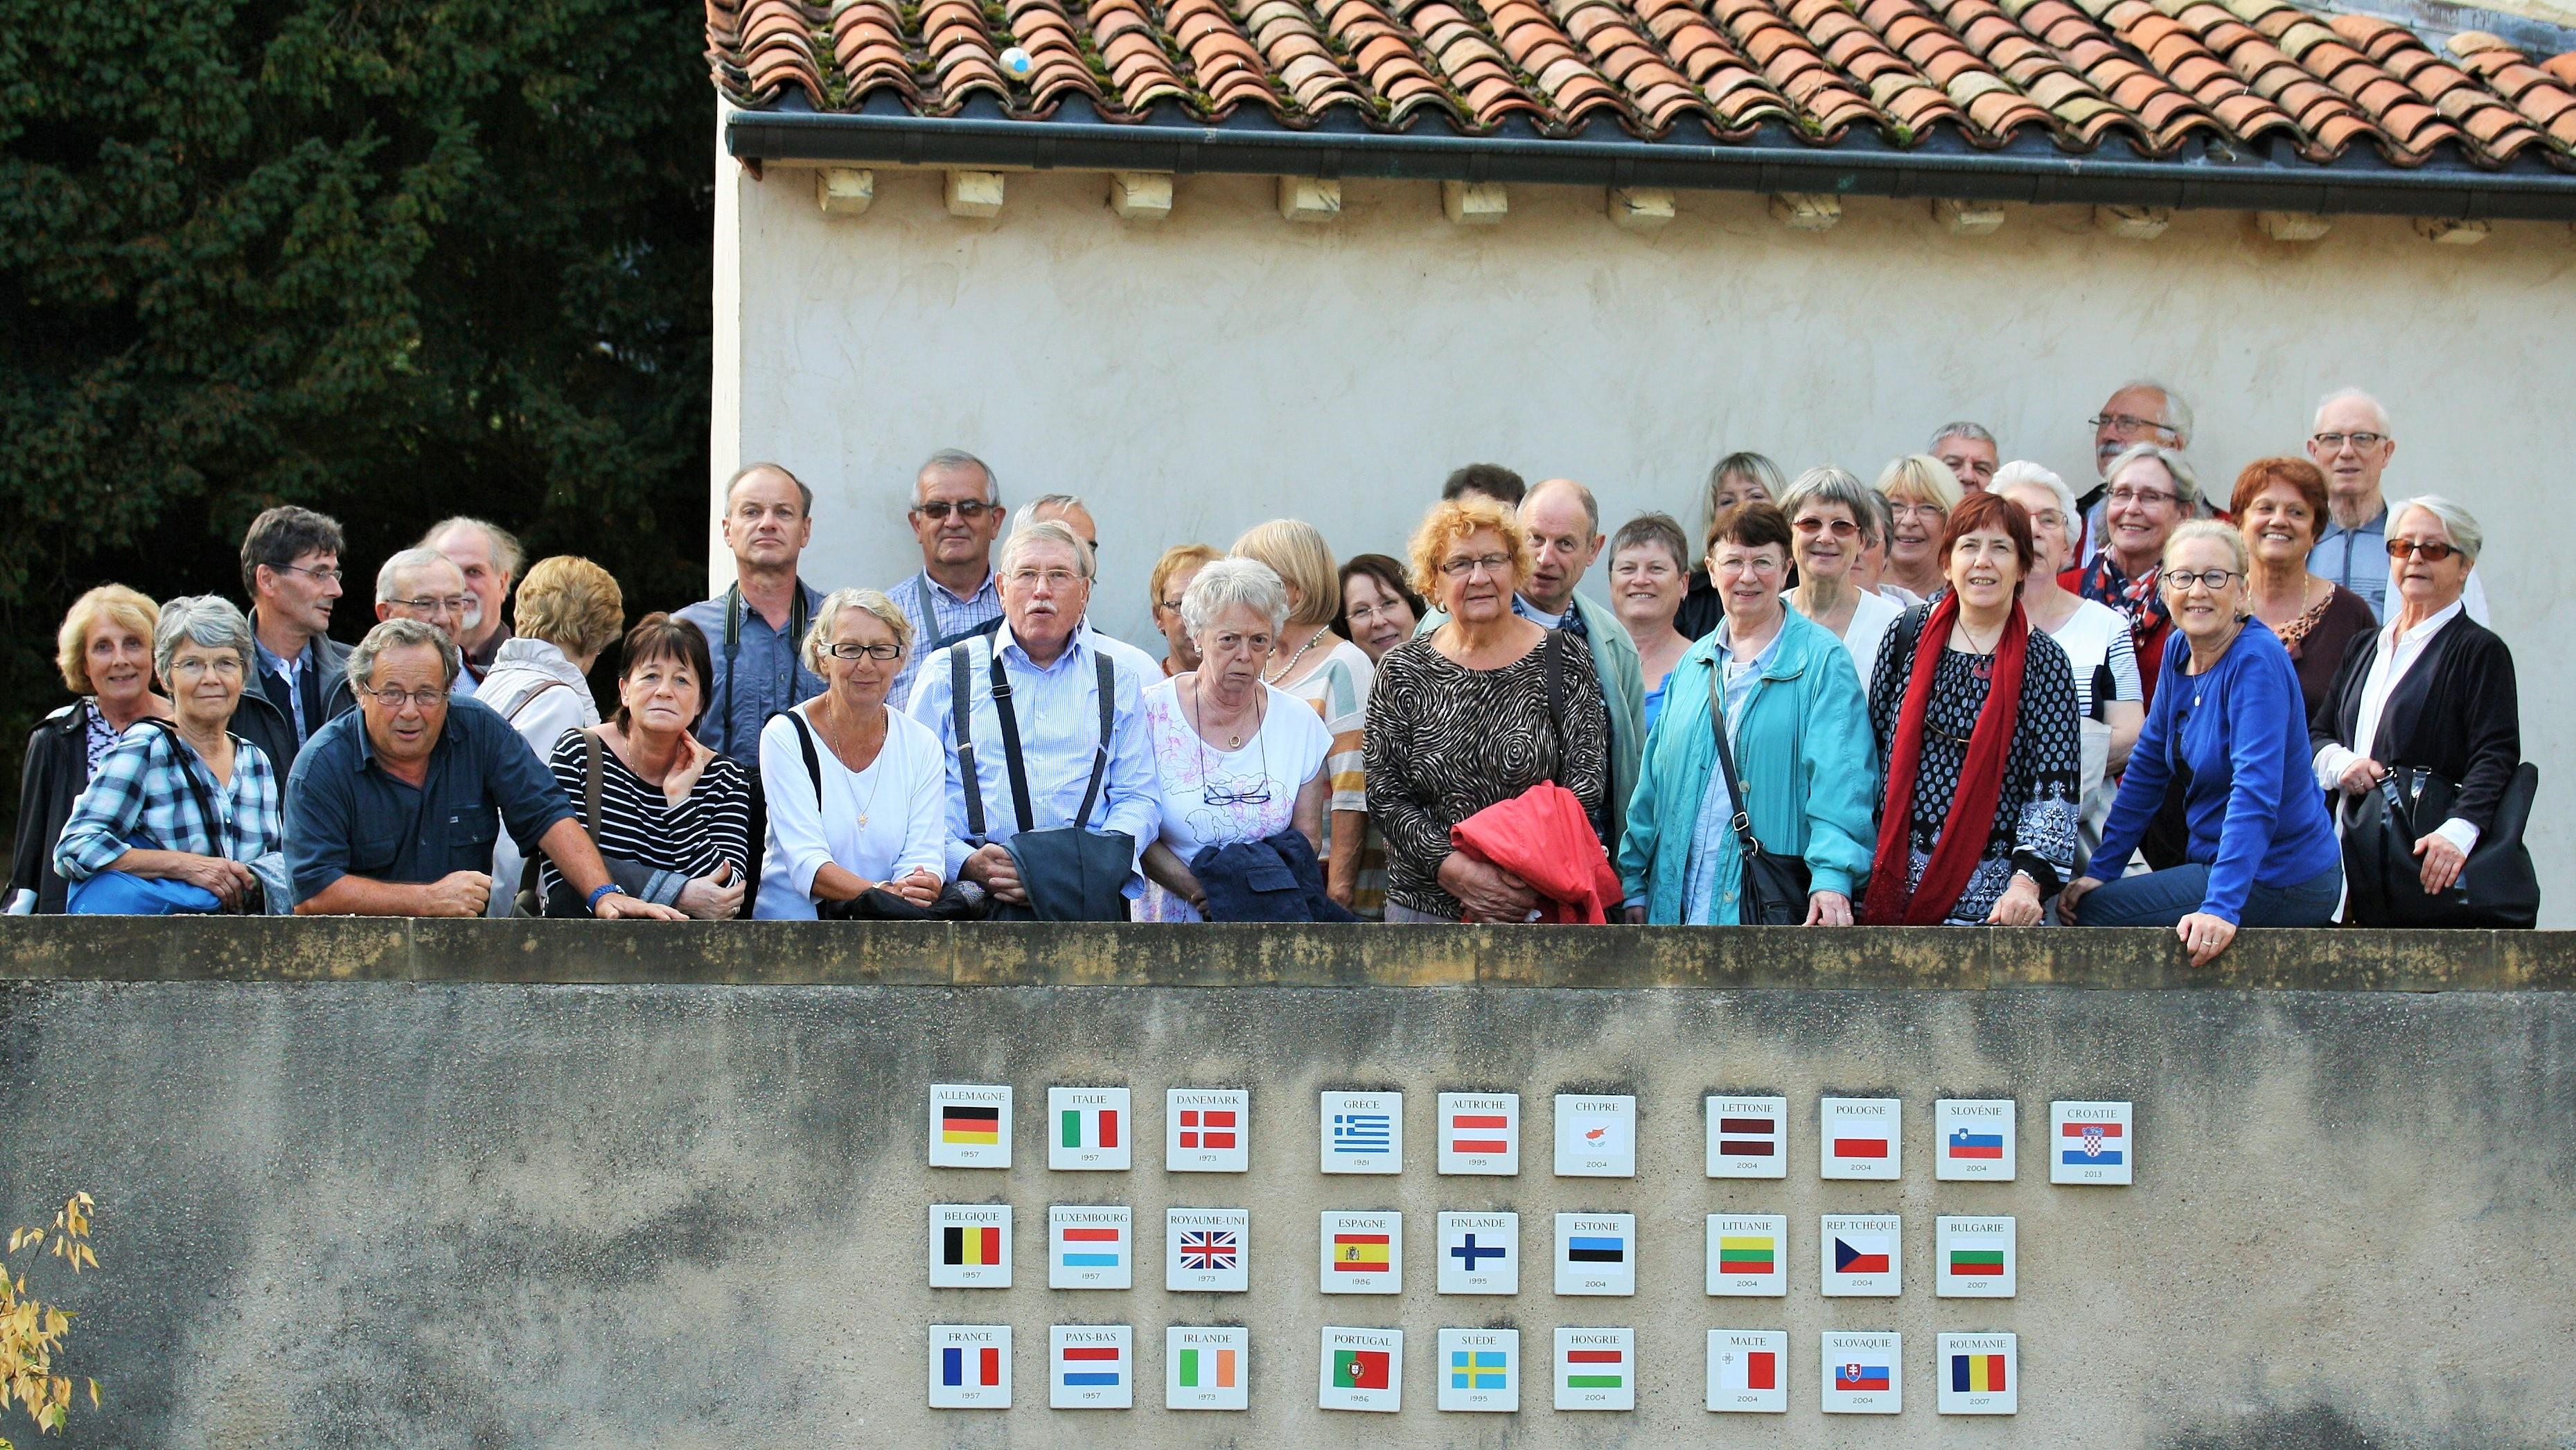 Sortie en Moselle * Gravelotte avec la visite du musée de la guerre de 1870 et de l'annexion  * Scy-Chazelles avec la visite de la maison de Robert SCHUMAN